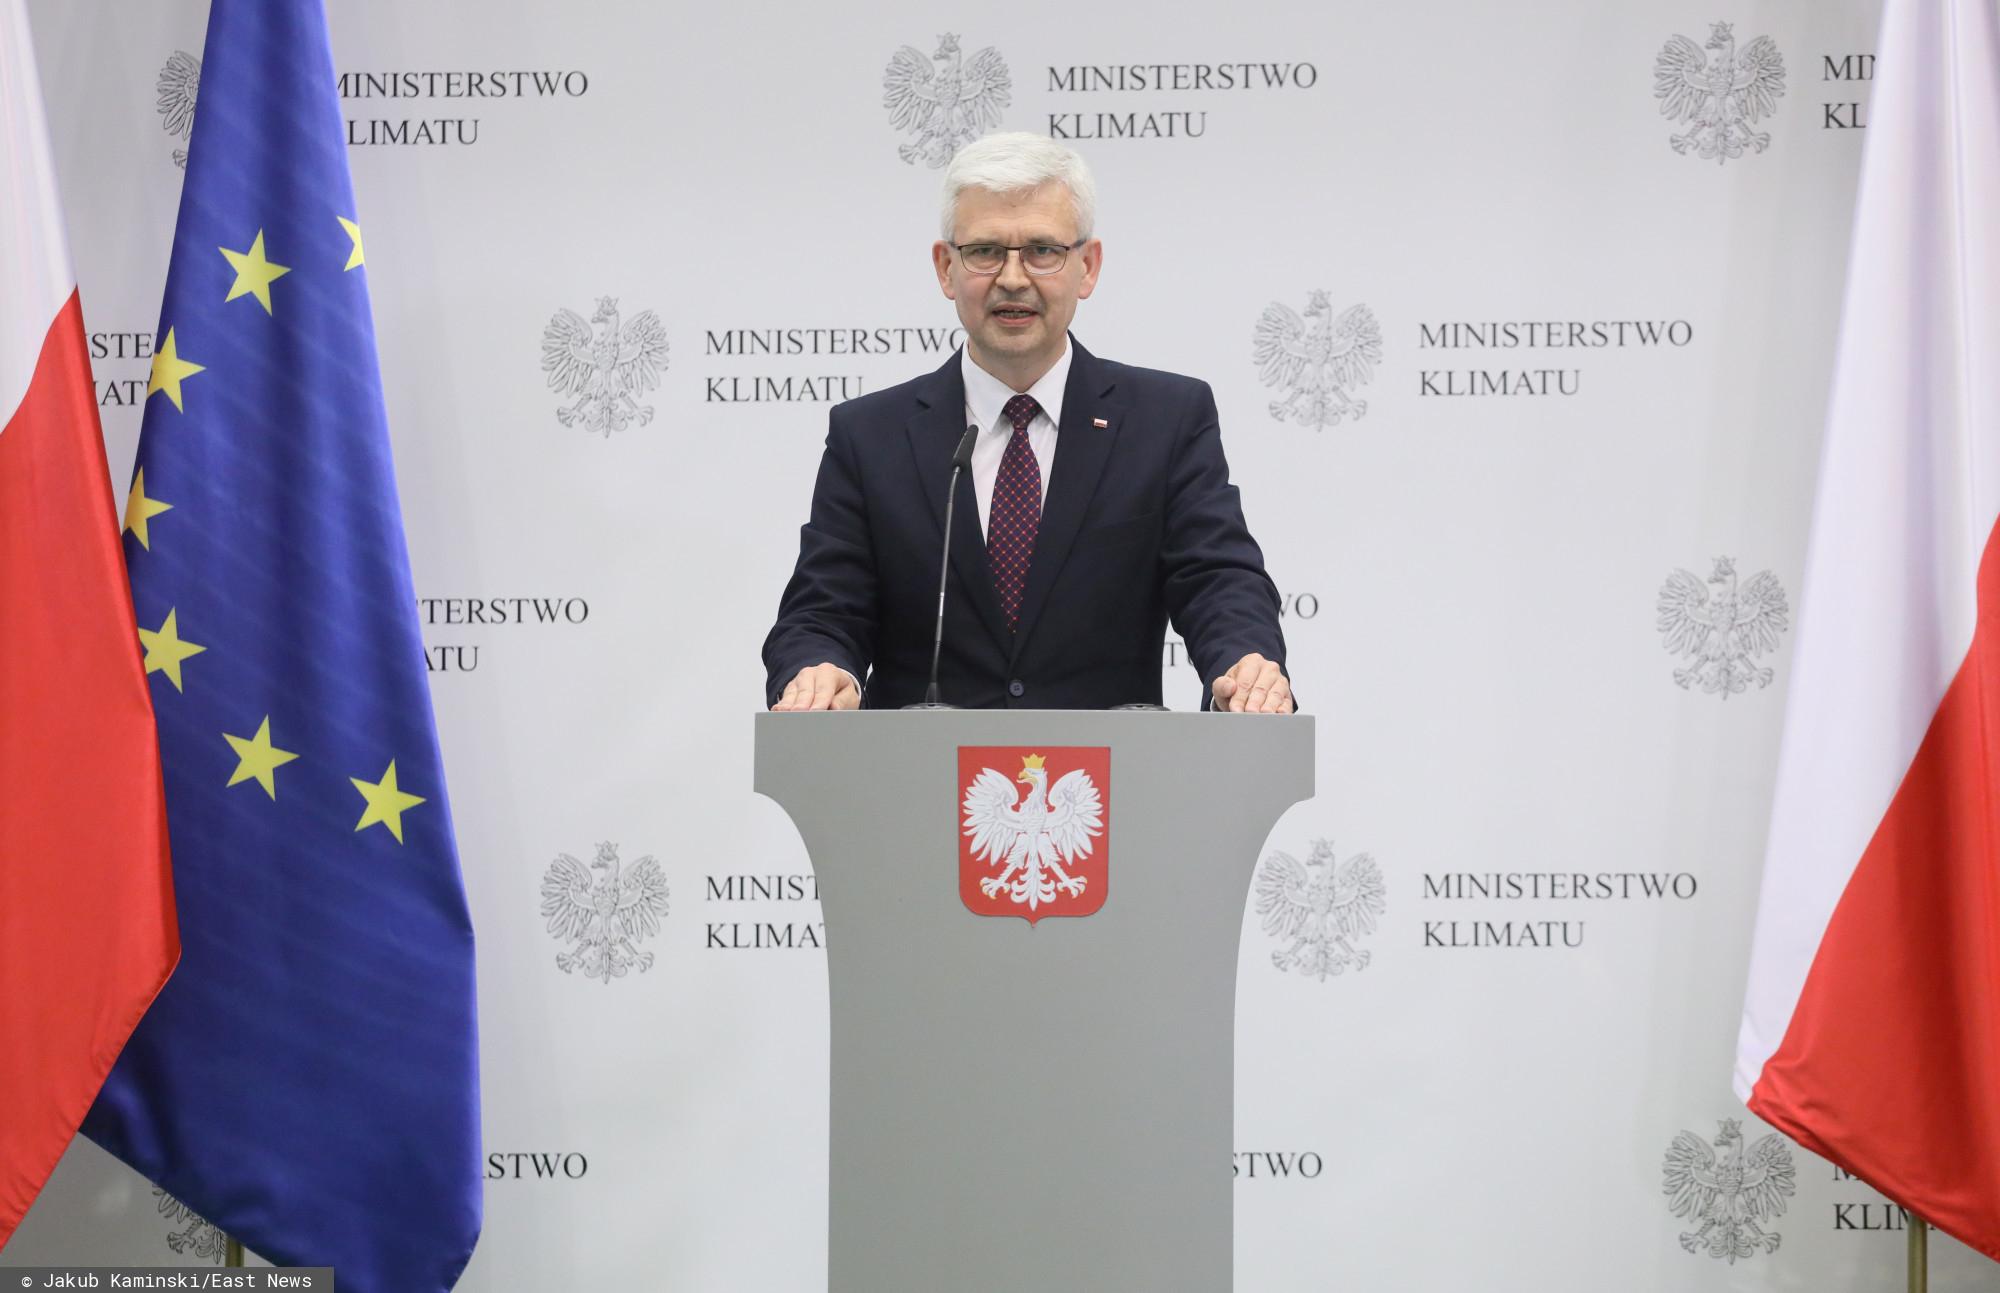 Ministerstwo oficjalnie oznajmiło zmiany w prawie. Wraca system z PRL